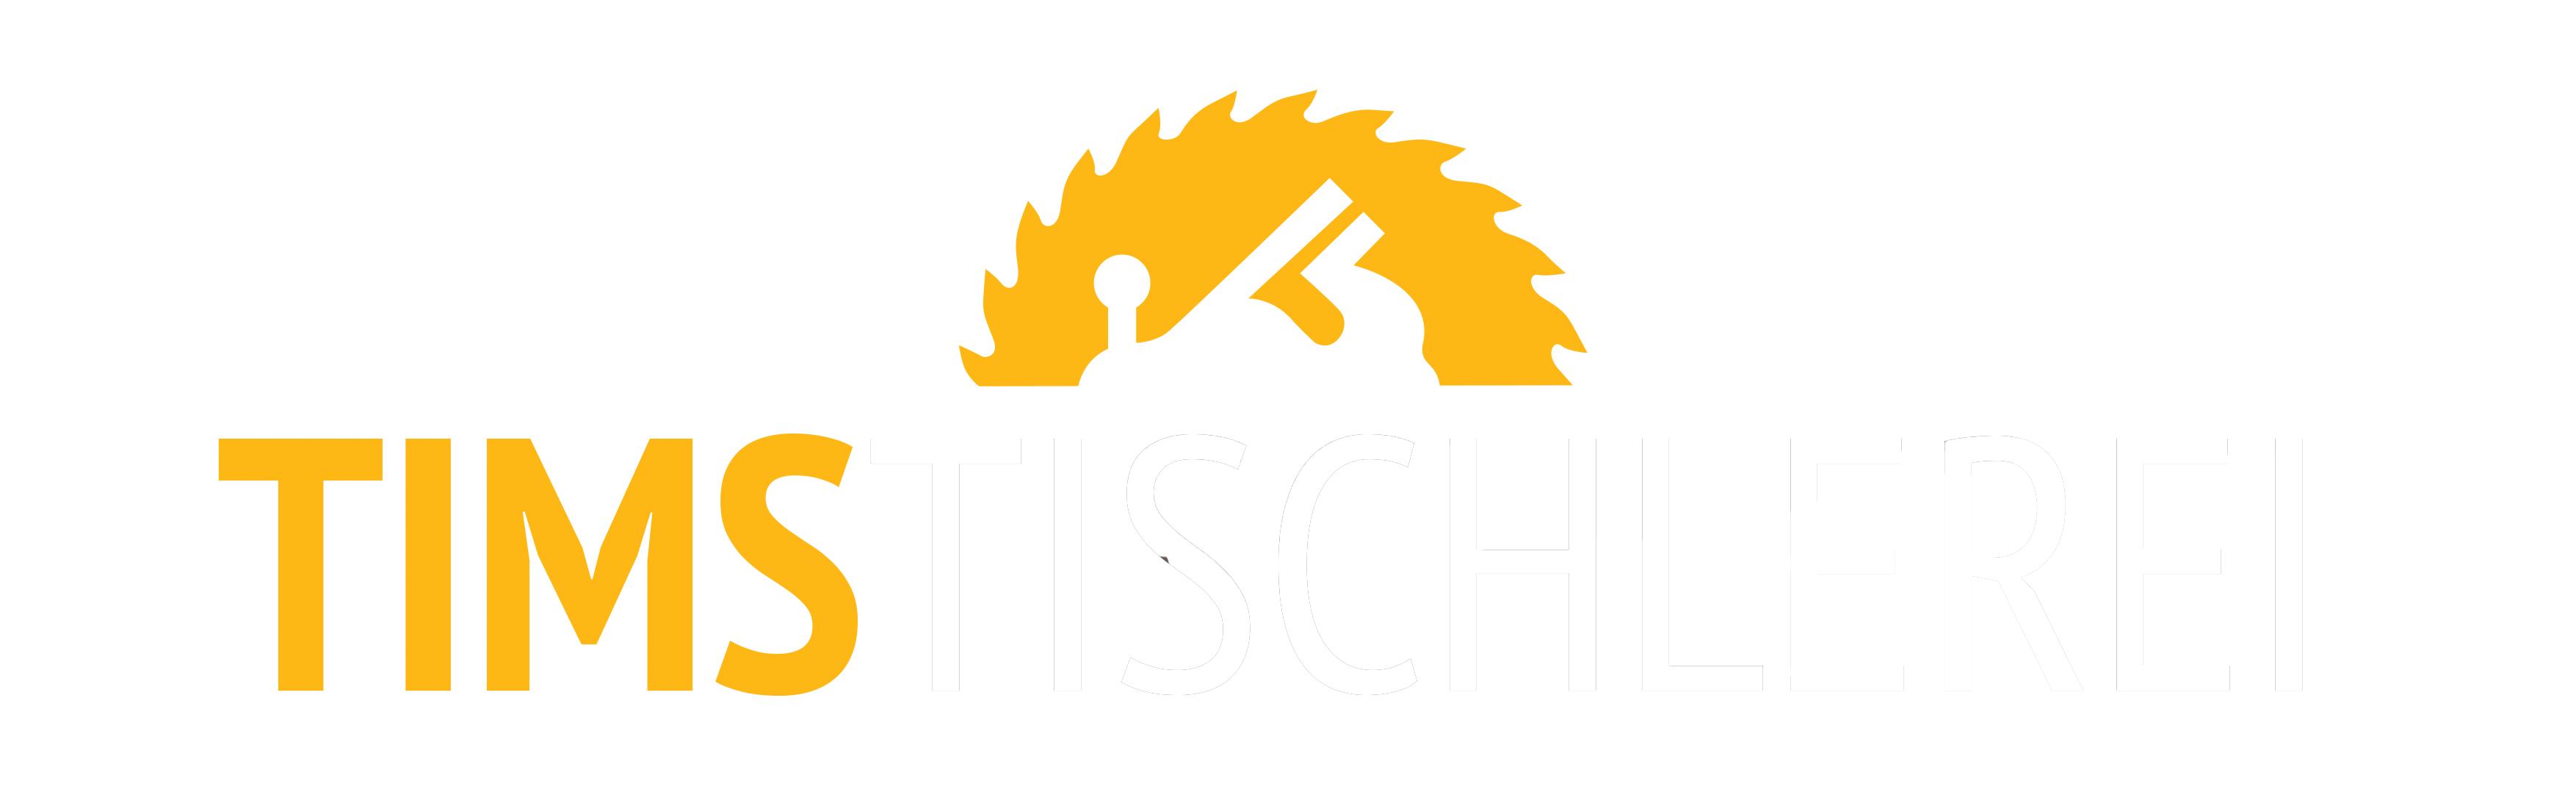 tims-tischlerei-logo-weiss